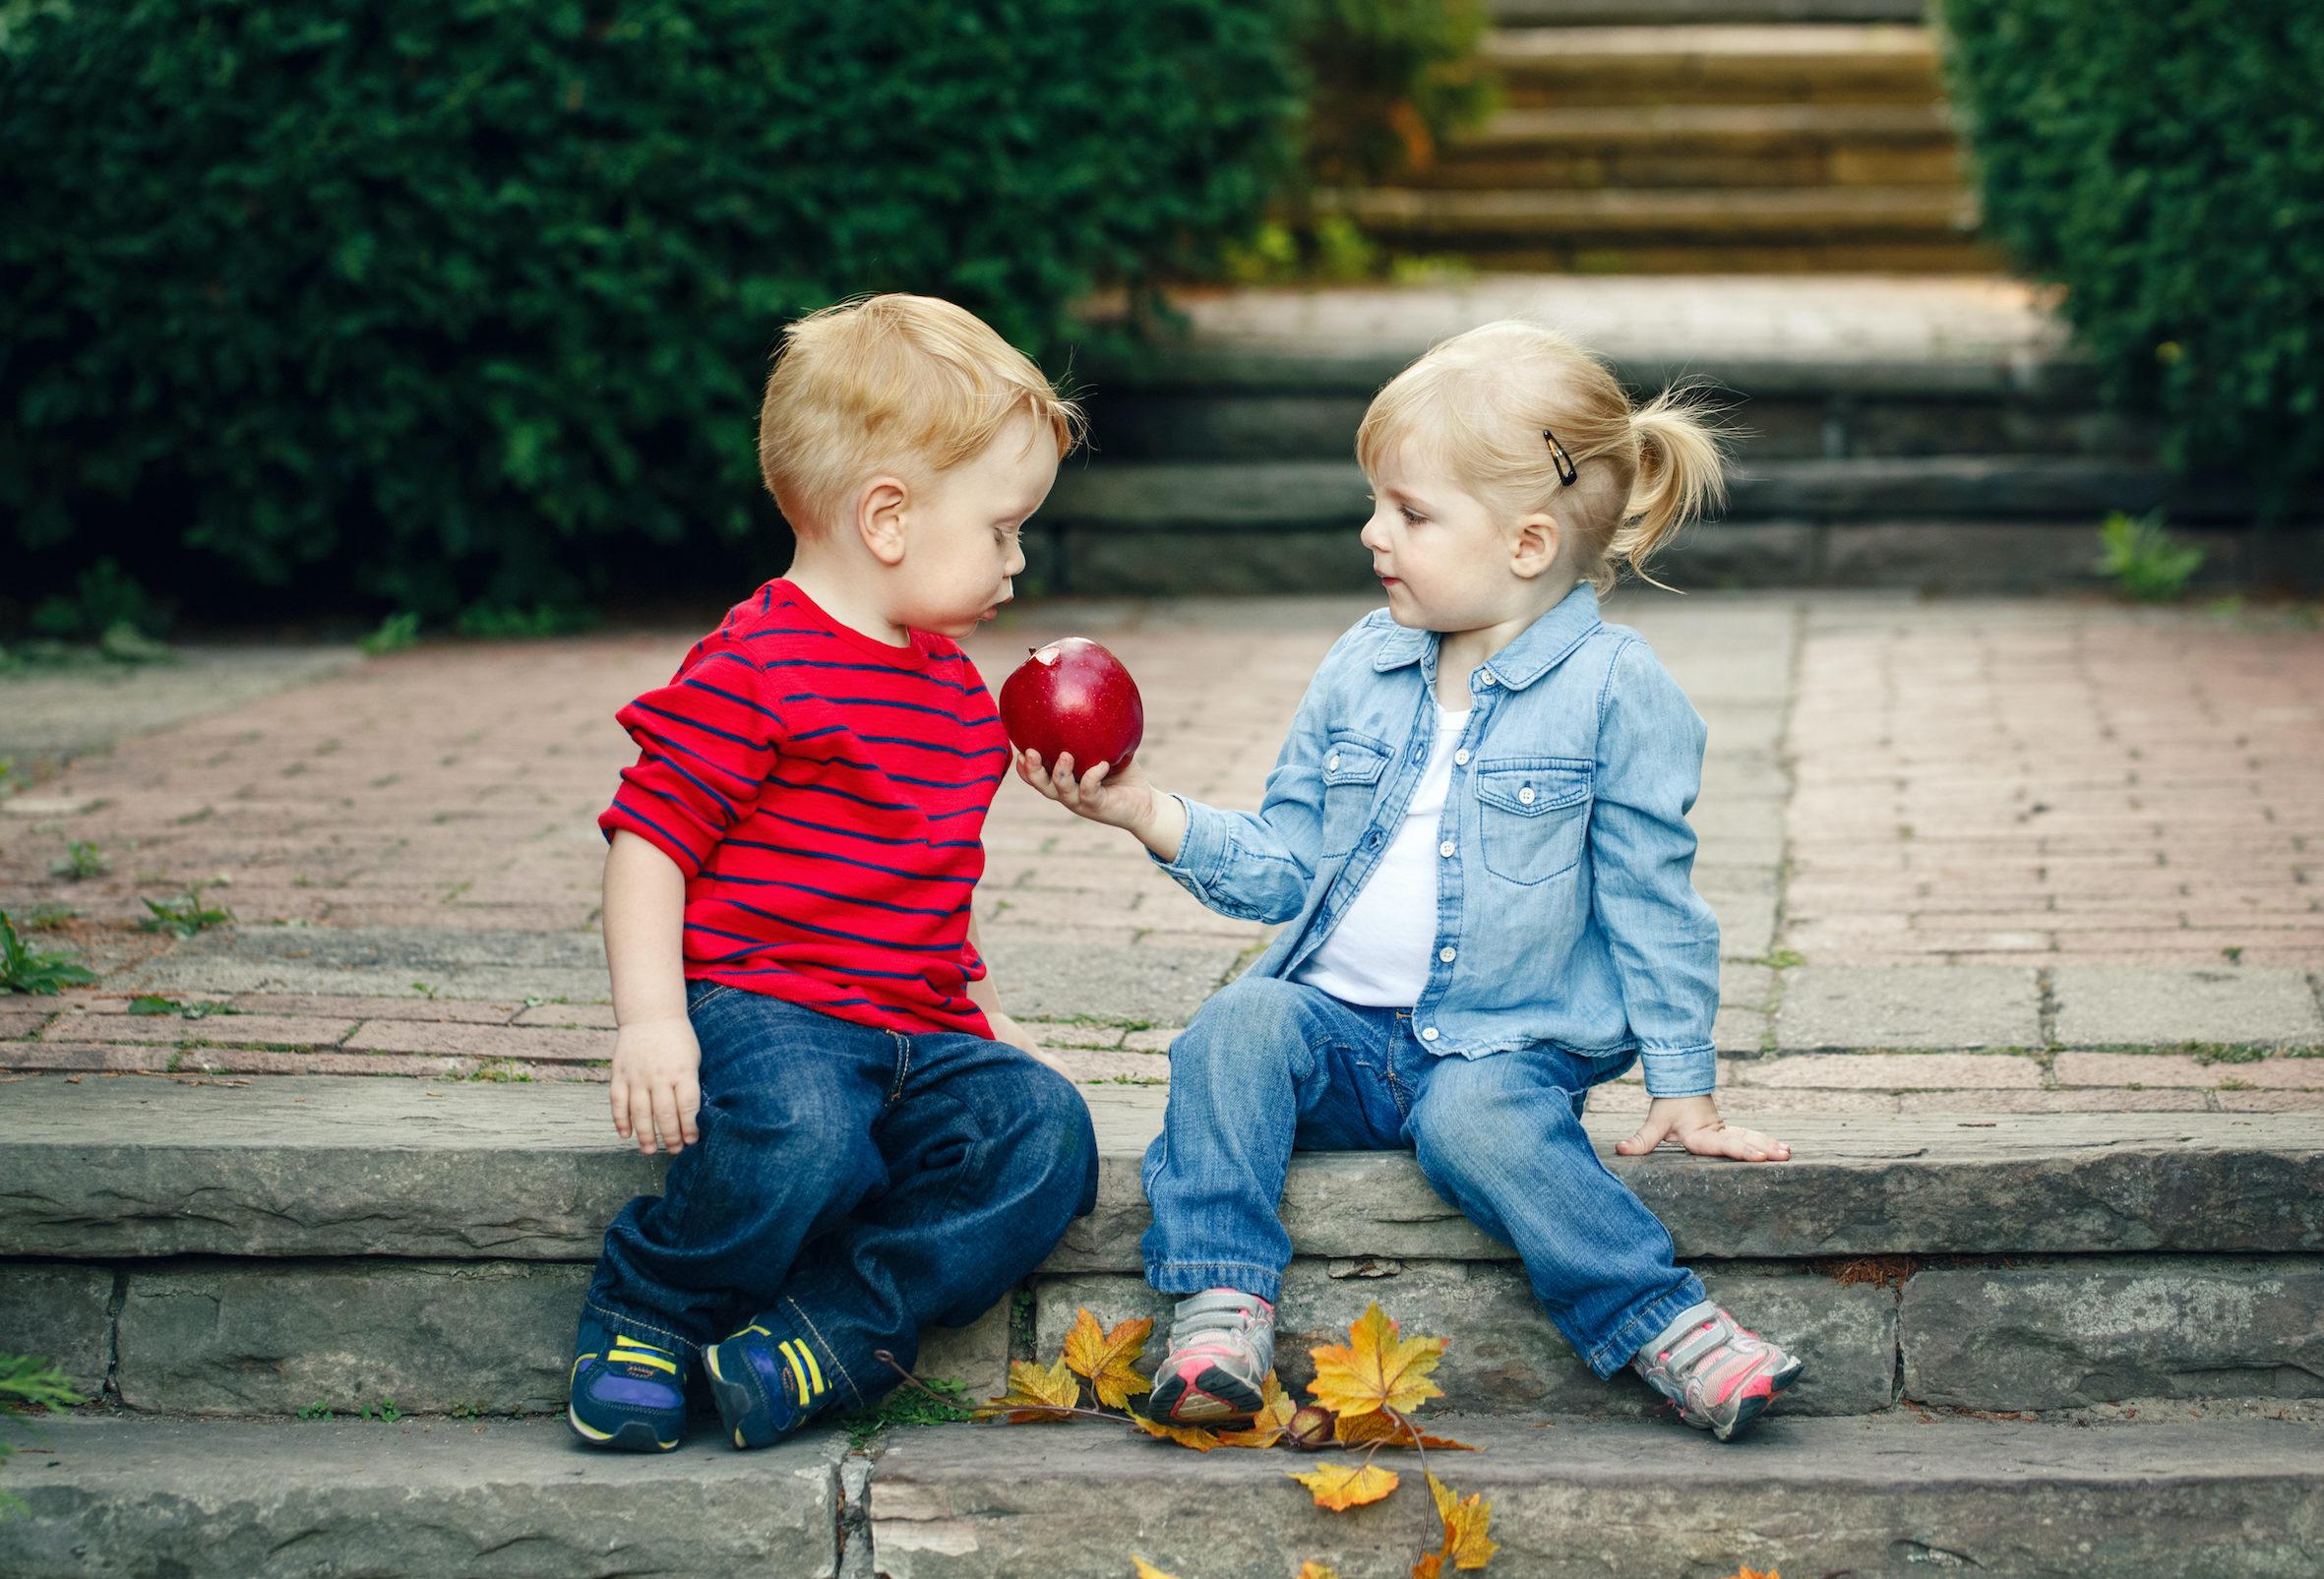 Dospělí často projevům náklonosti u předškoláků nebo menších školáků dávají větší význam, než v reálu mají. Hormony a tím i zamilovanost, jak ji znají dospělí, se totiž objevuje až vpubertě.